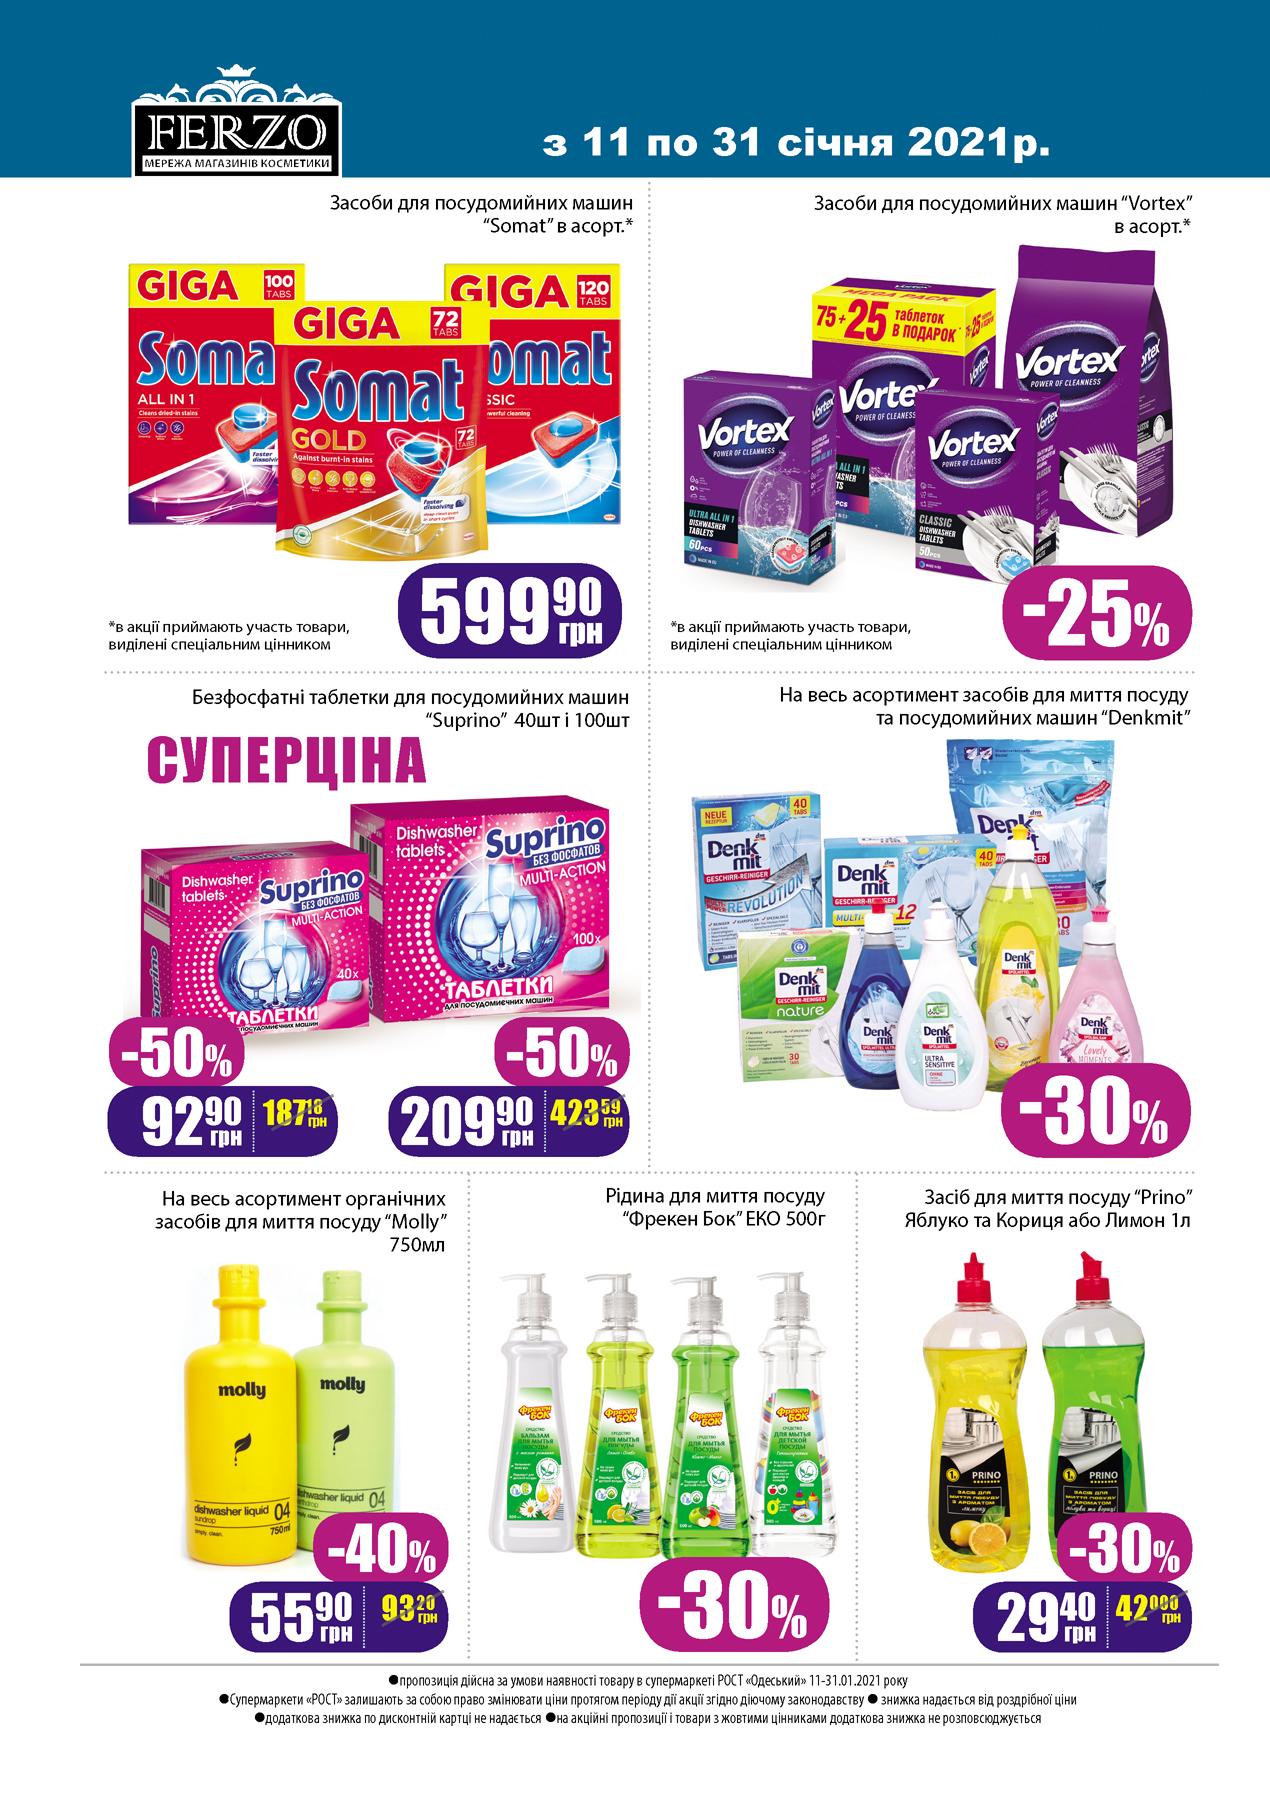 bytovaya_himiya_a4_1_ferzo_print_page4